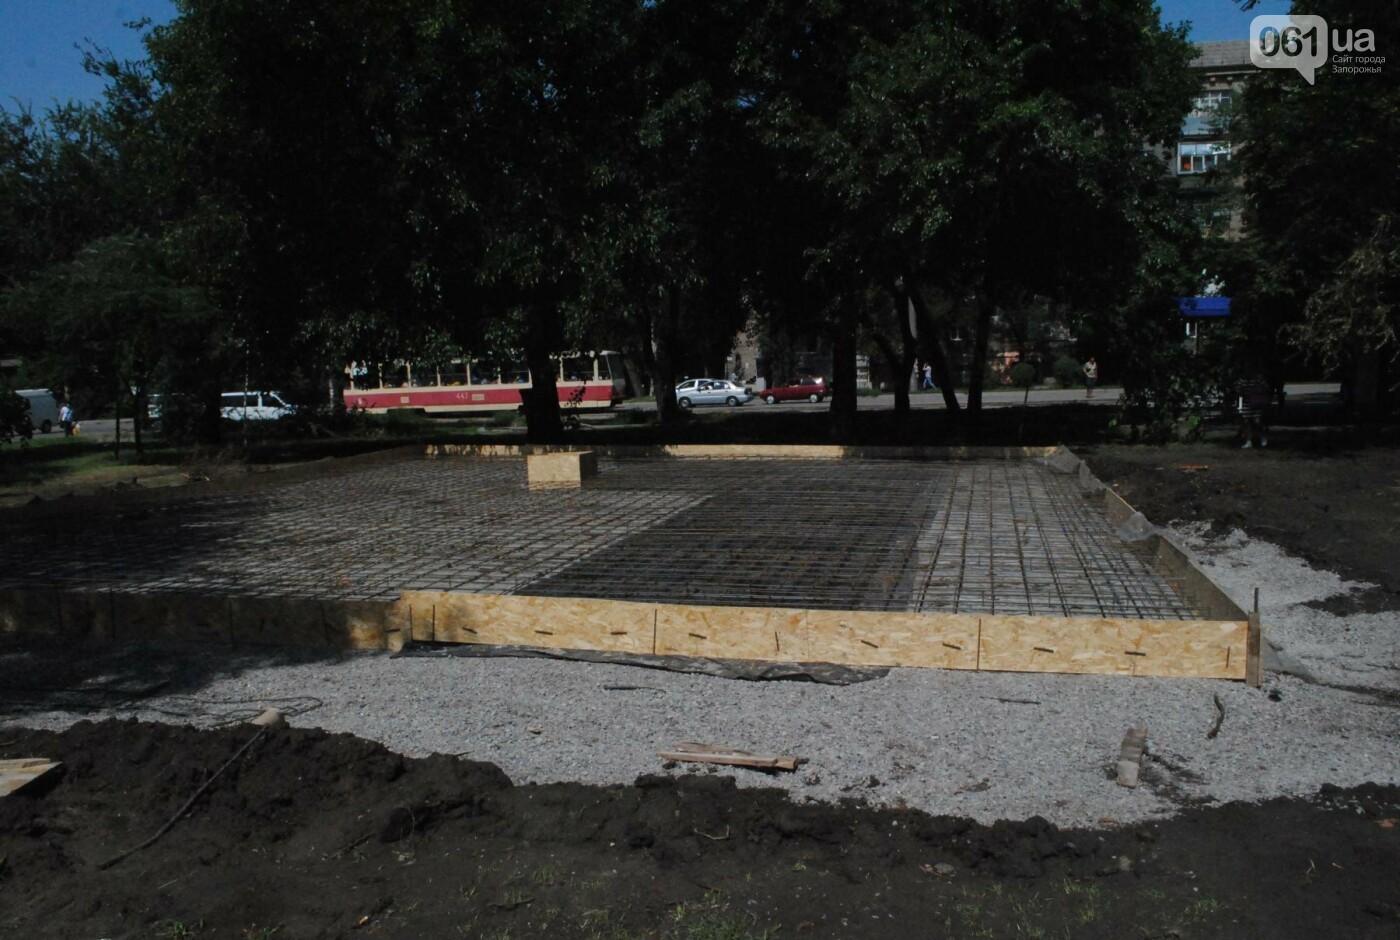 В сквере Яланского рабочие строят, сами не зная, что, - ФОТО, фото-1